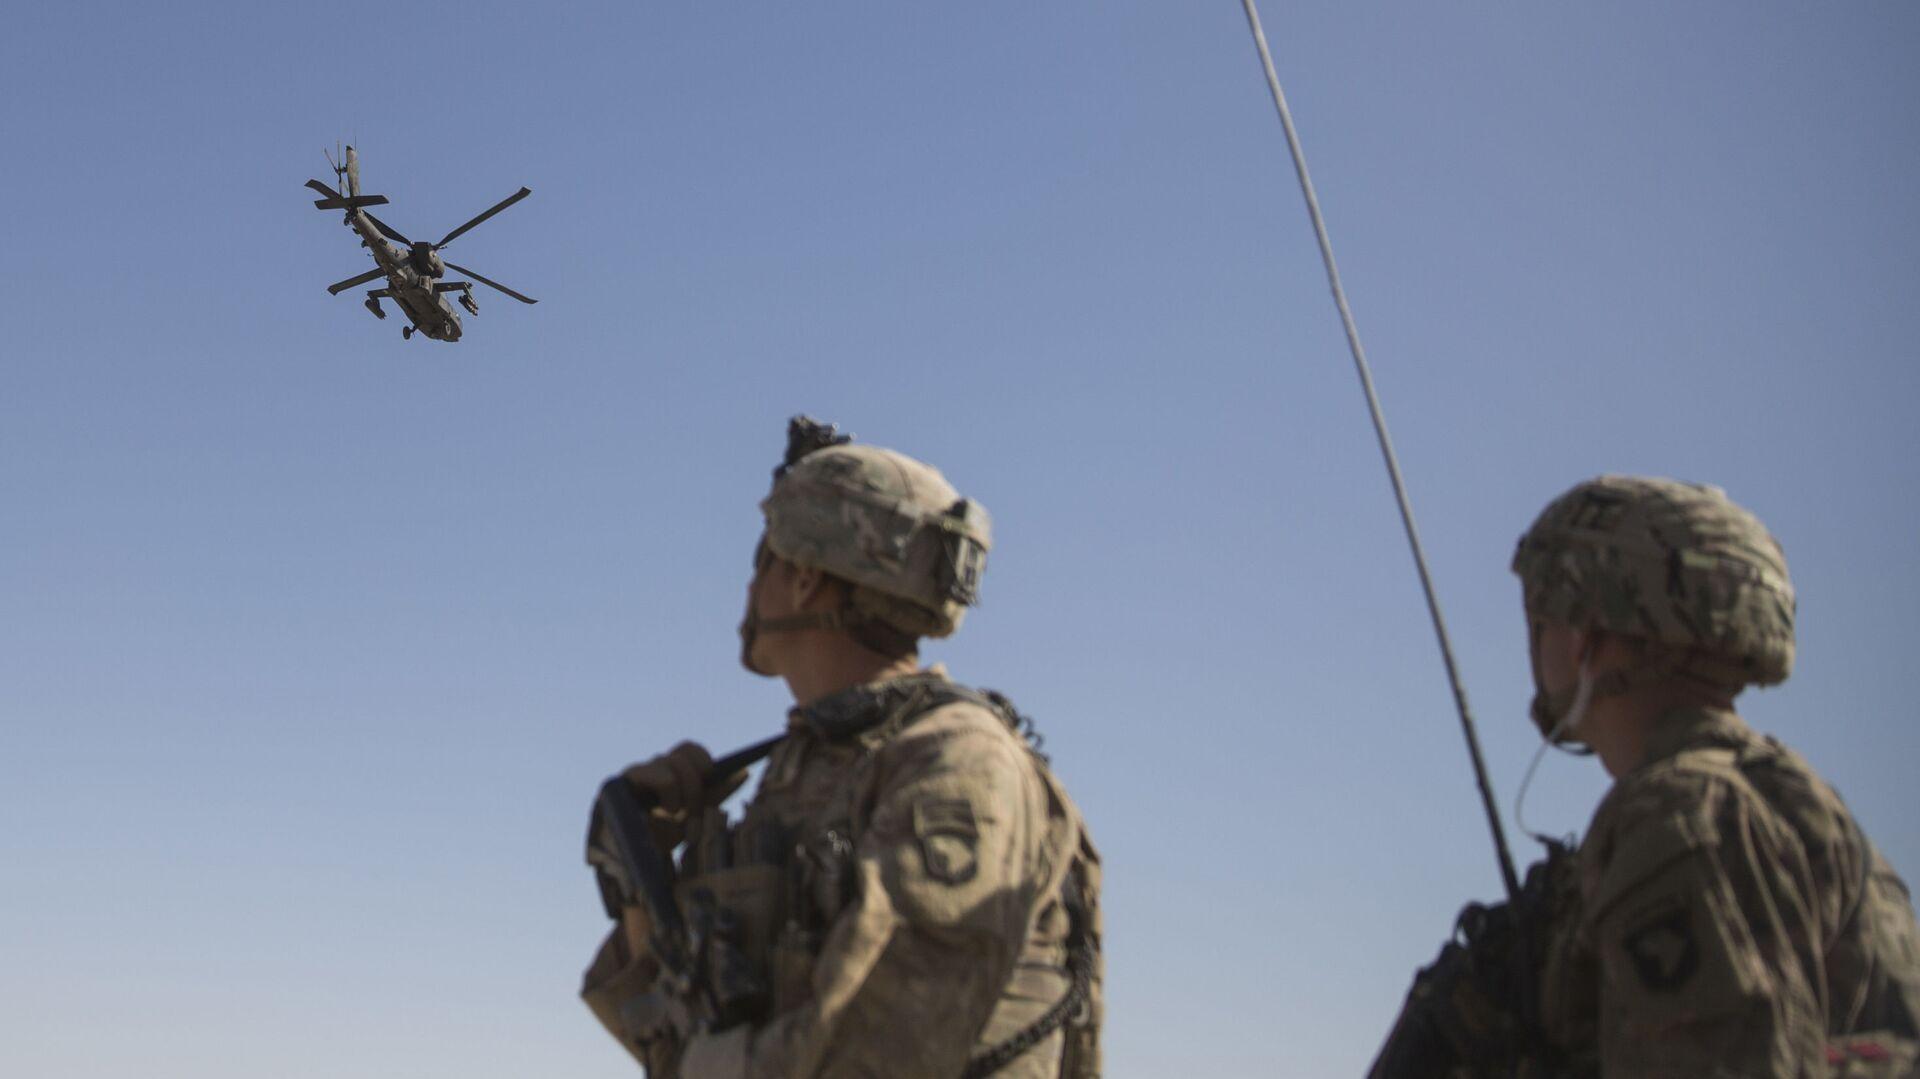 Amerykańscy Marines obserwują helikopter AH-64 Apache na lotnisku Bost w Afganistanie - Sputnik Polska, 1920, 31.07.2021